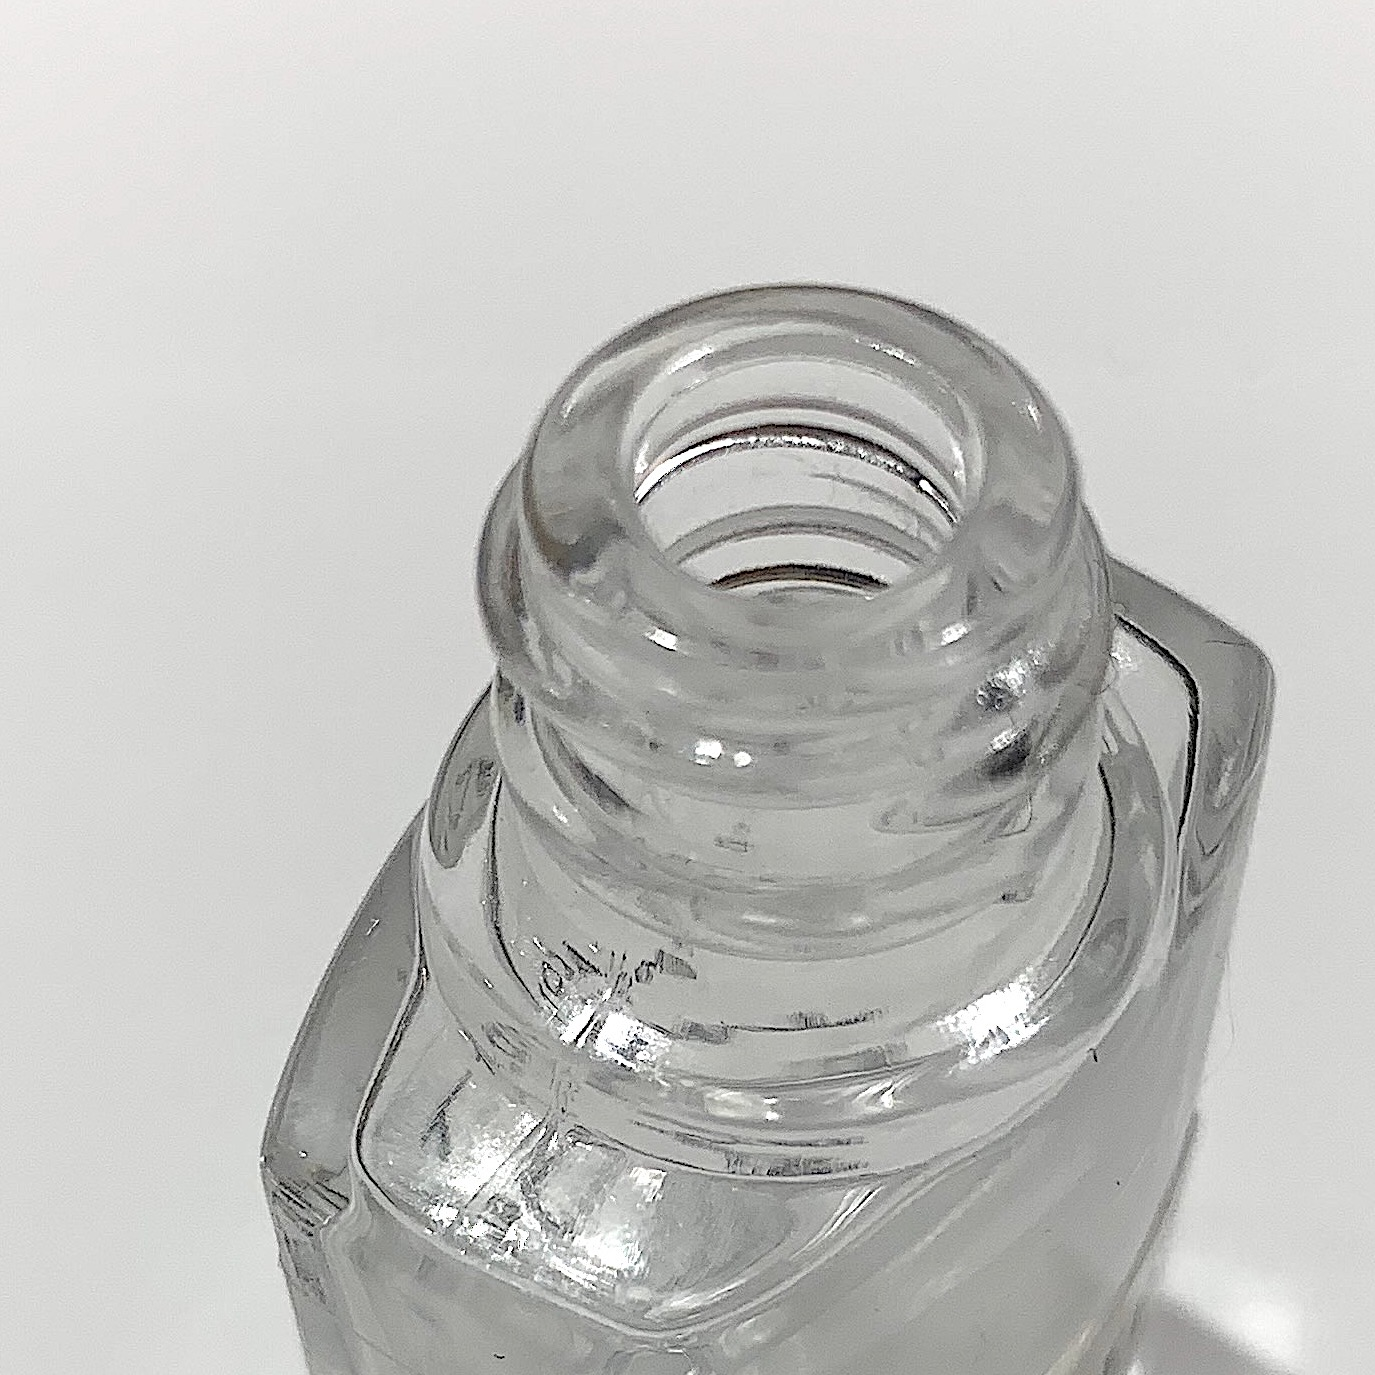 【再入荷】【お試しミニサイズ】【頭皮の匂い対策】ブレインスキャルプセラム(頭皮の美容液)5ml